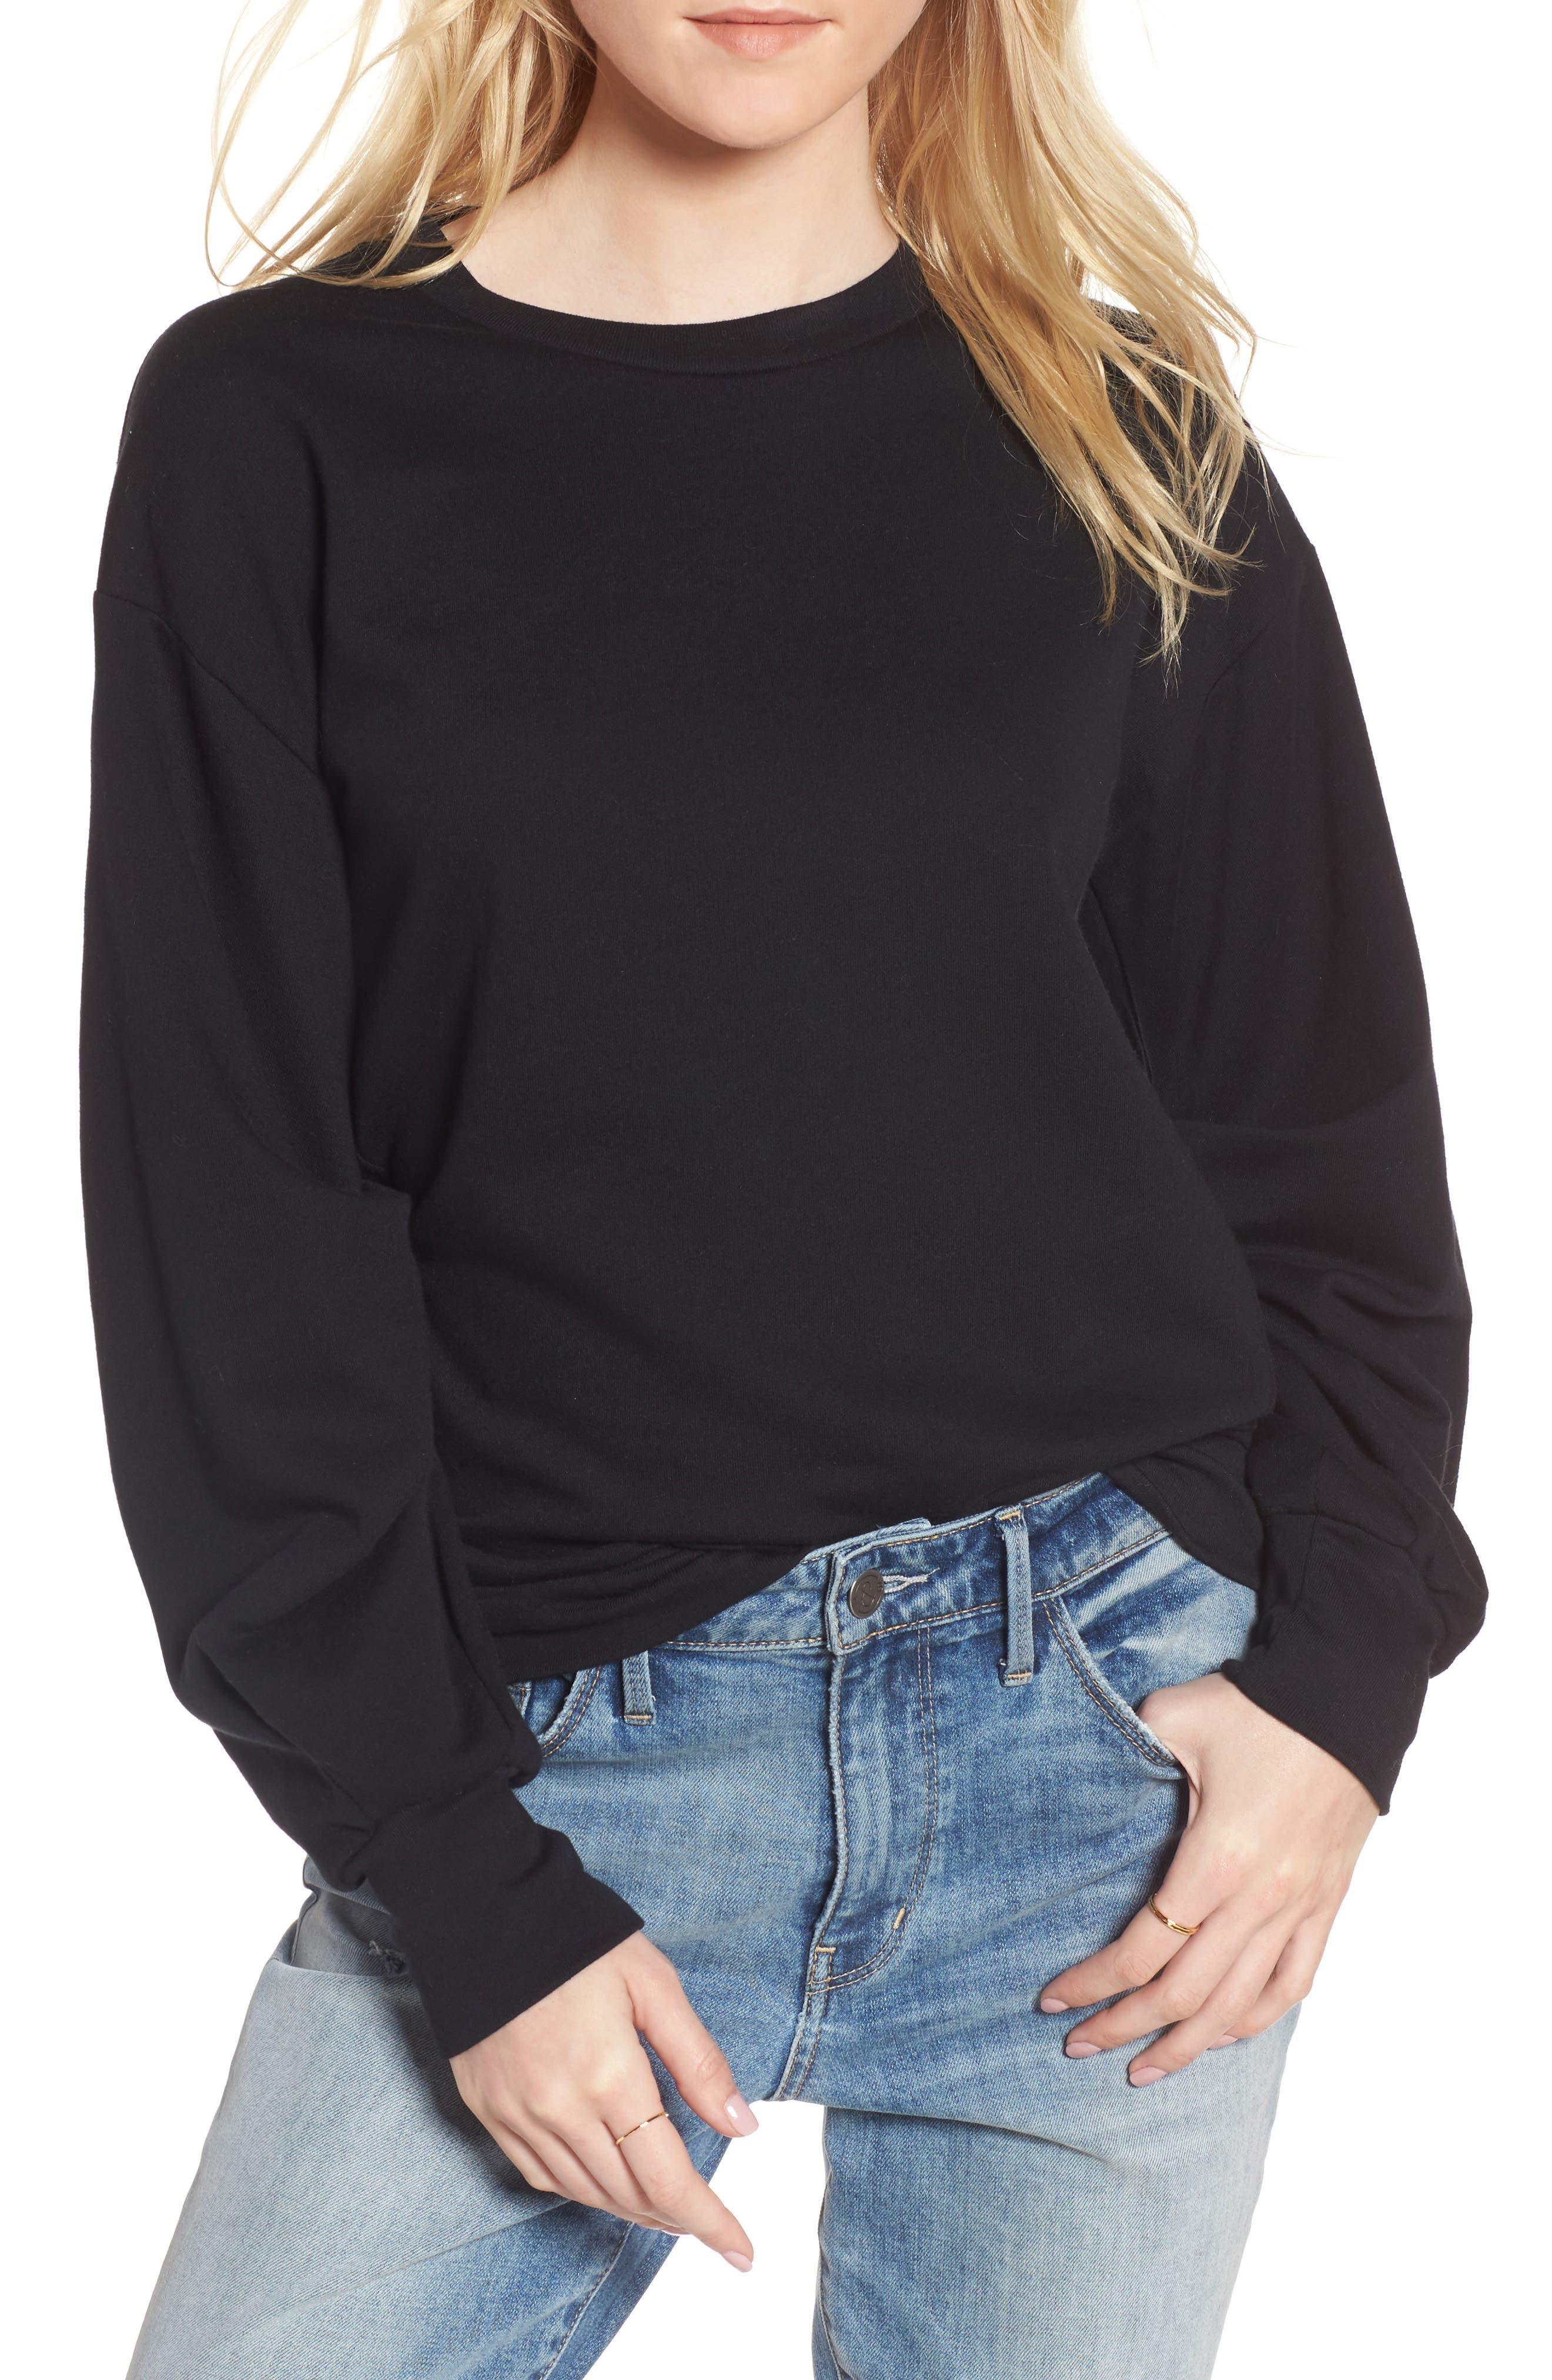 Treasure & Bond Pleated Sleeve Sweatshirt